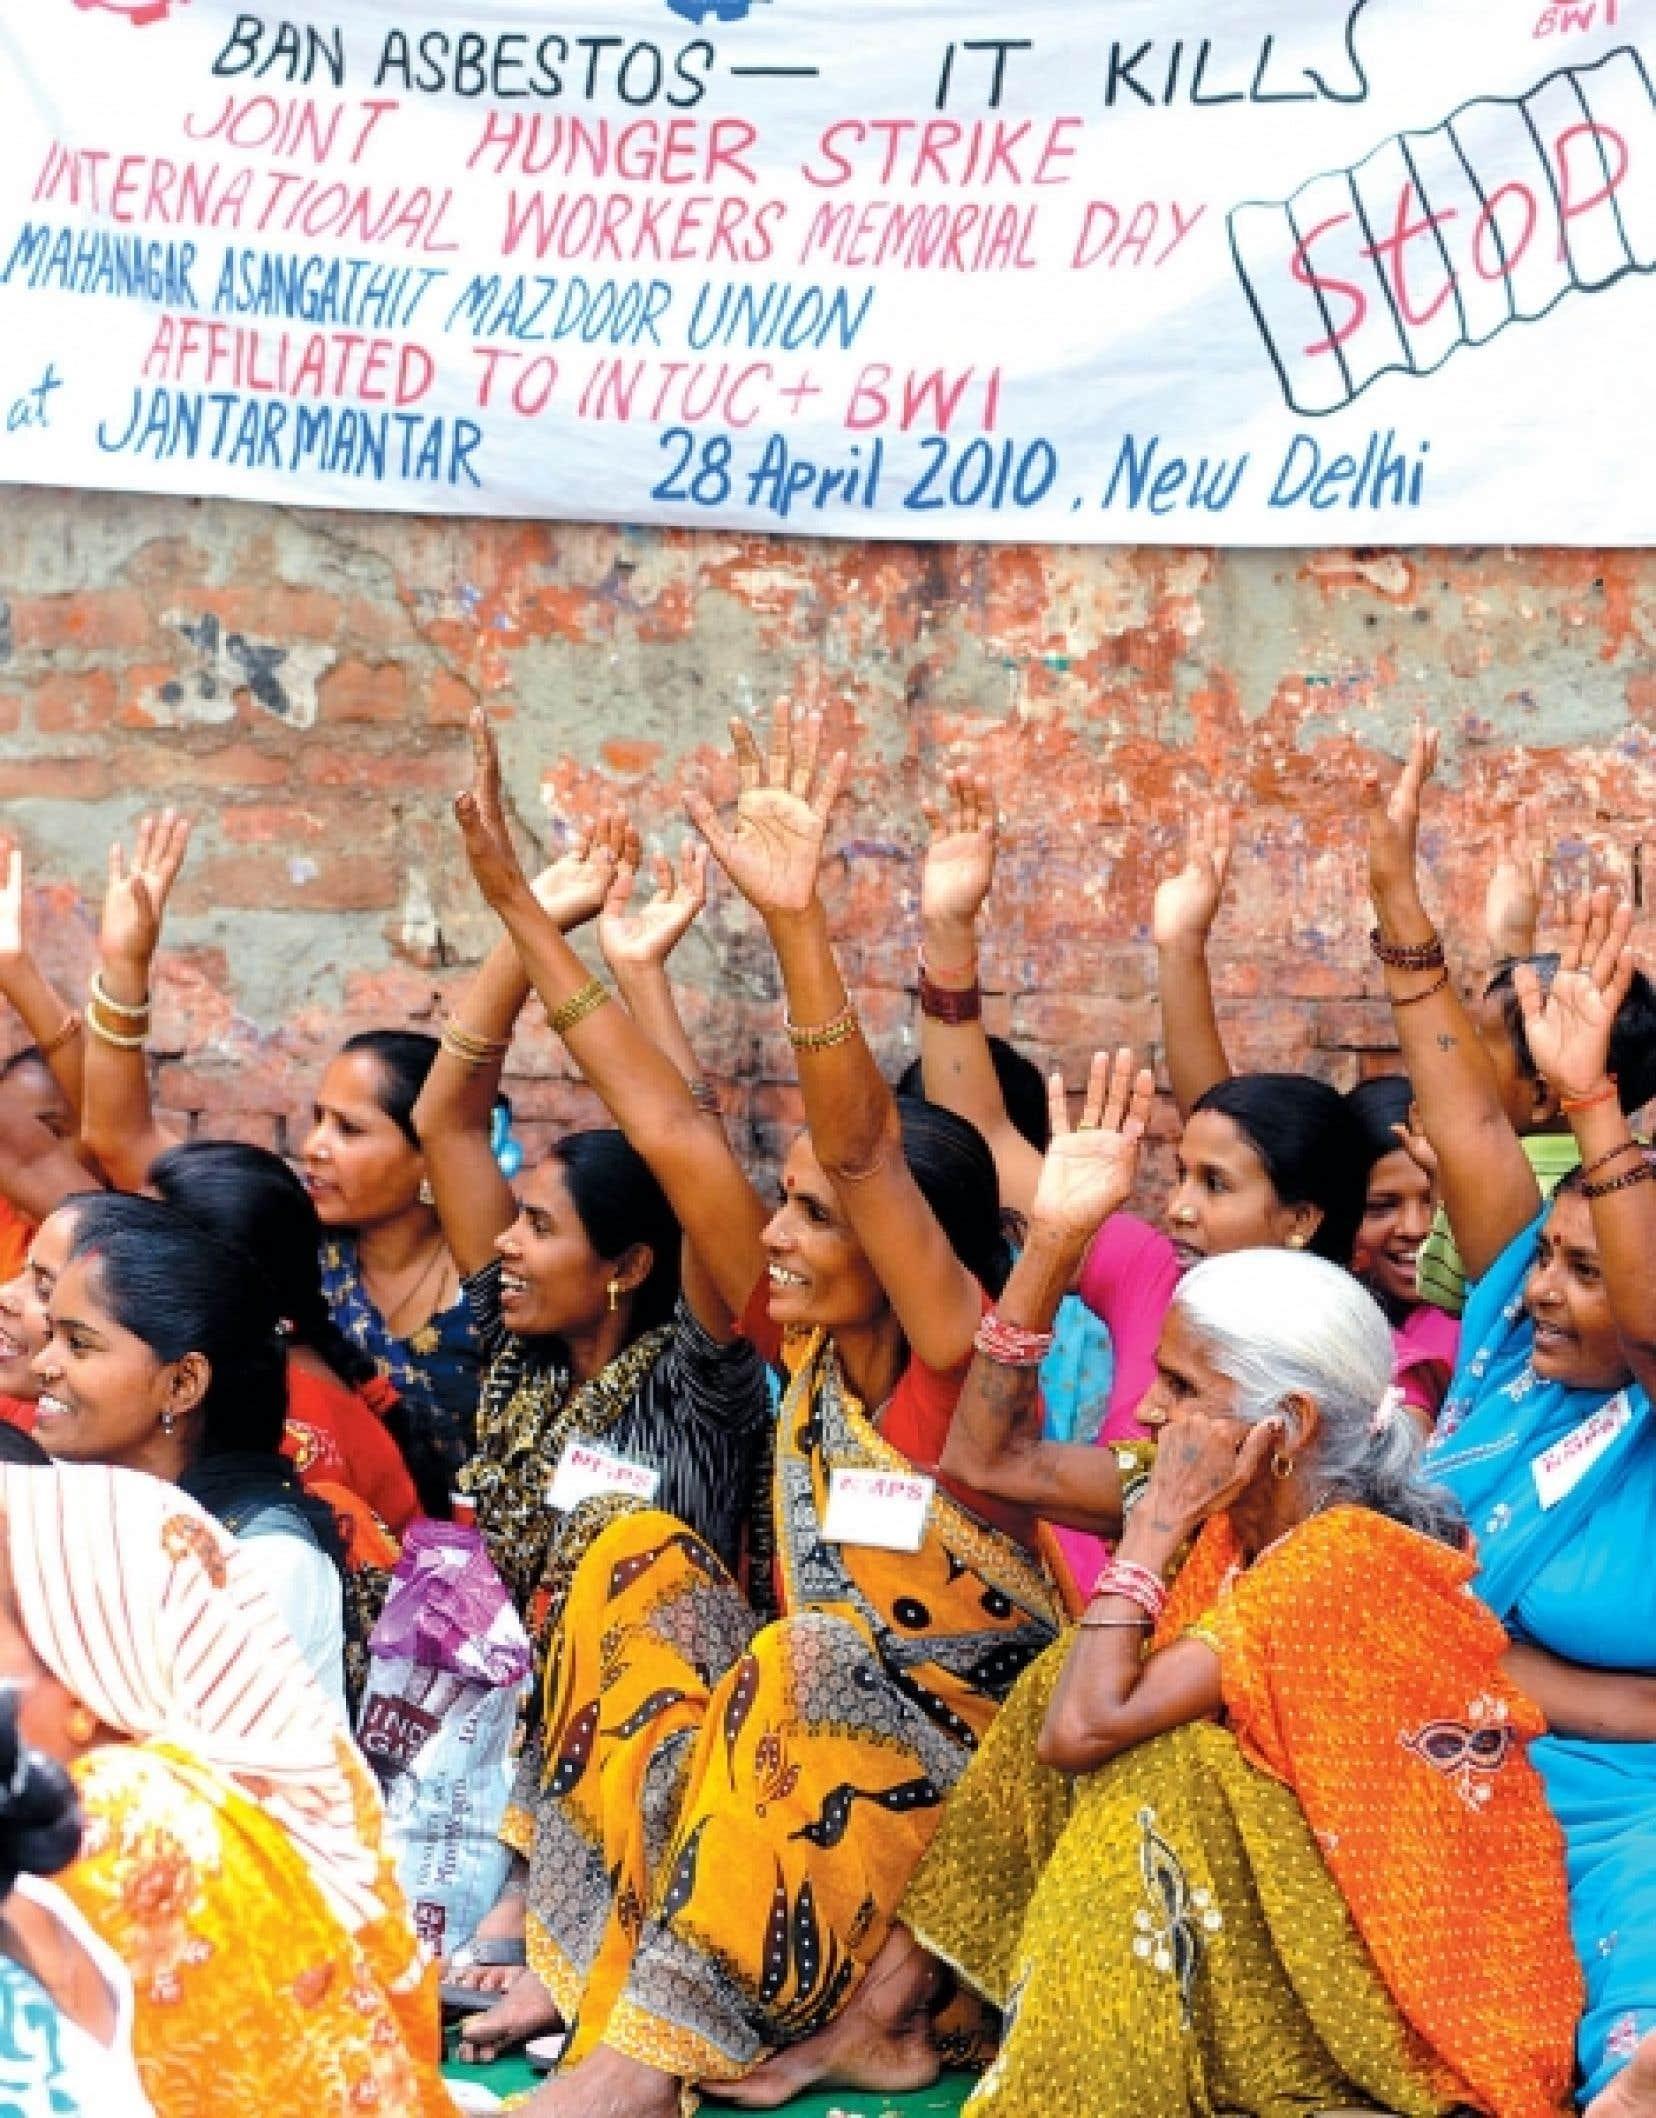 Des travailleurs de la construction manifestaient en 2010 à New Delhi contre l'utilisation de l'amiante.<br />